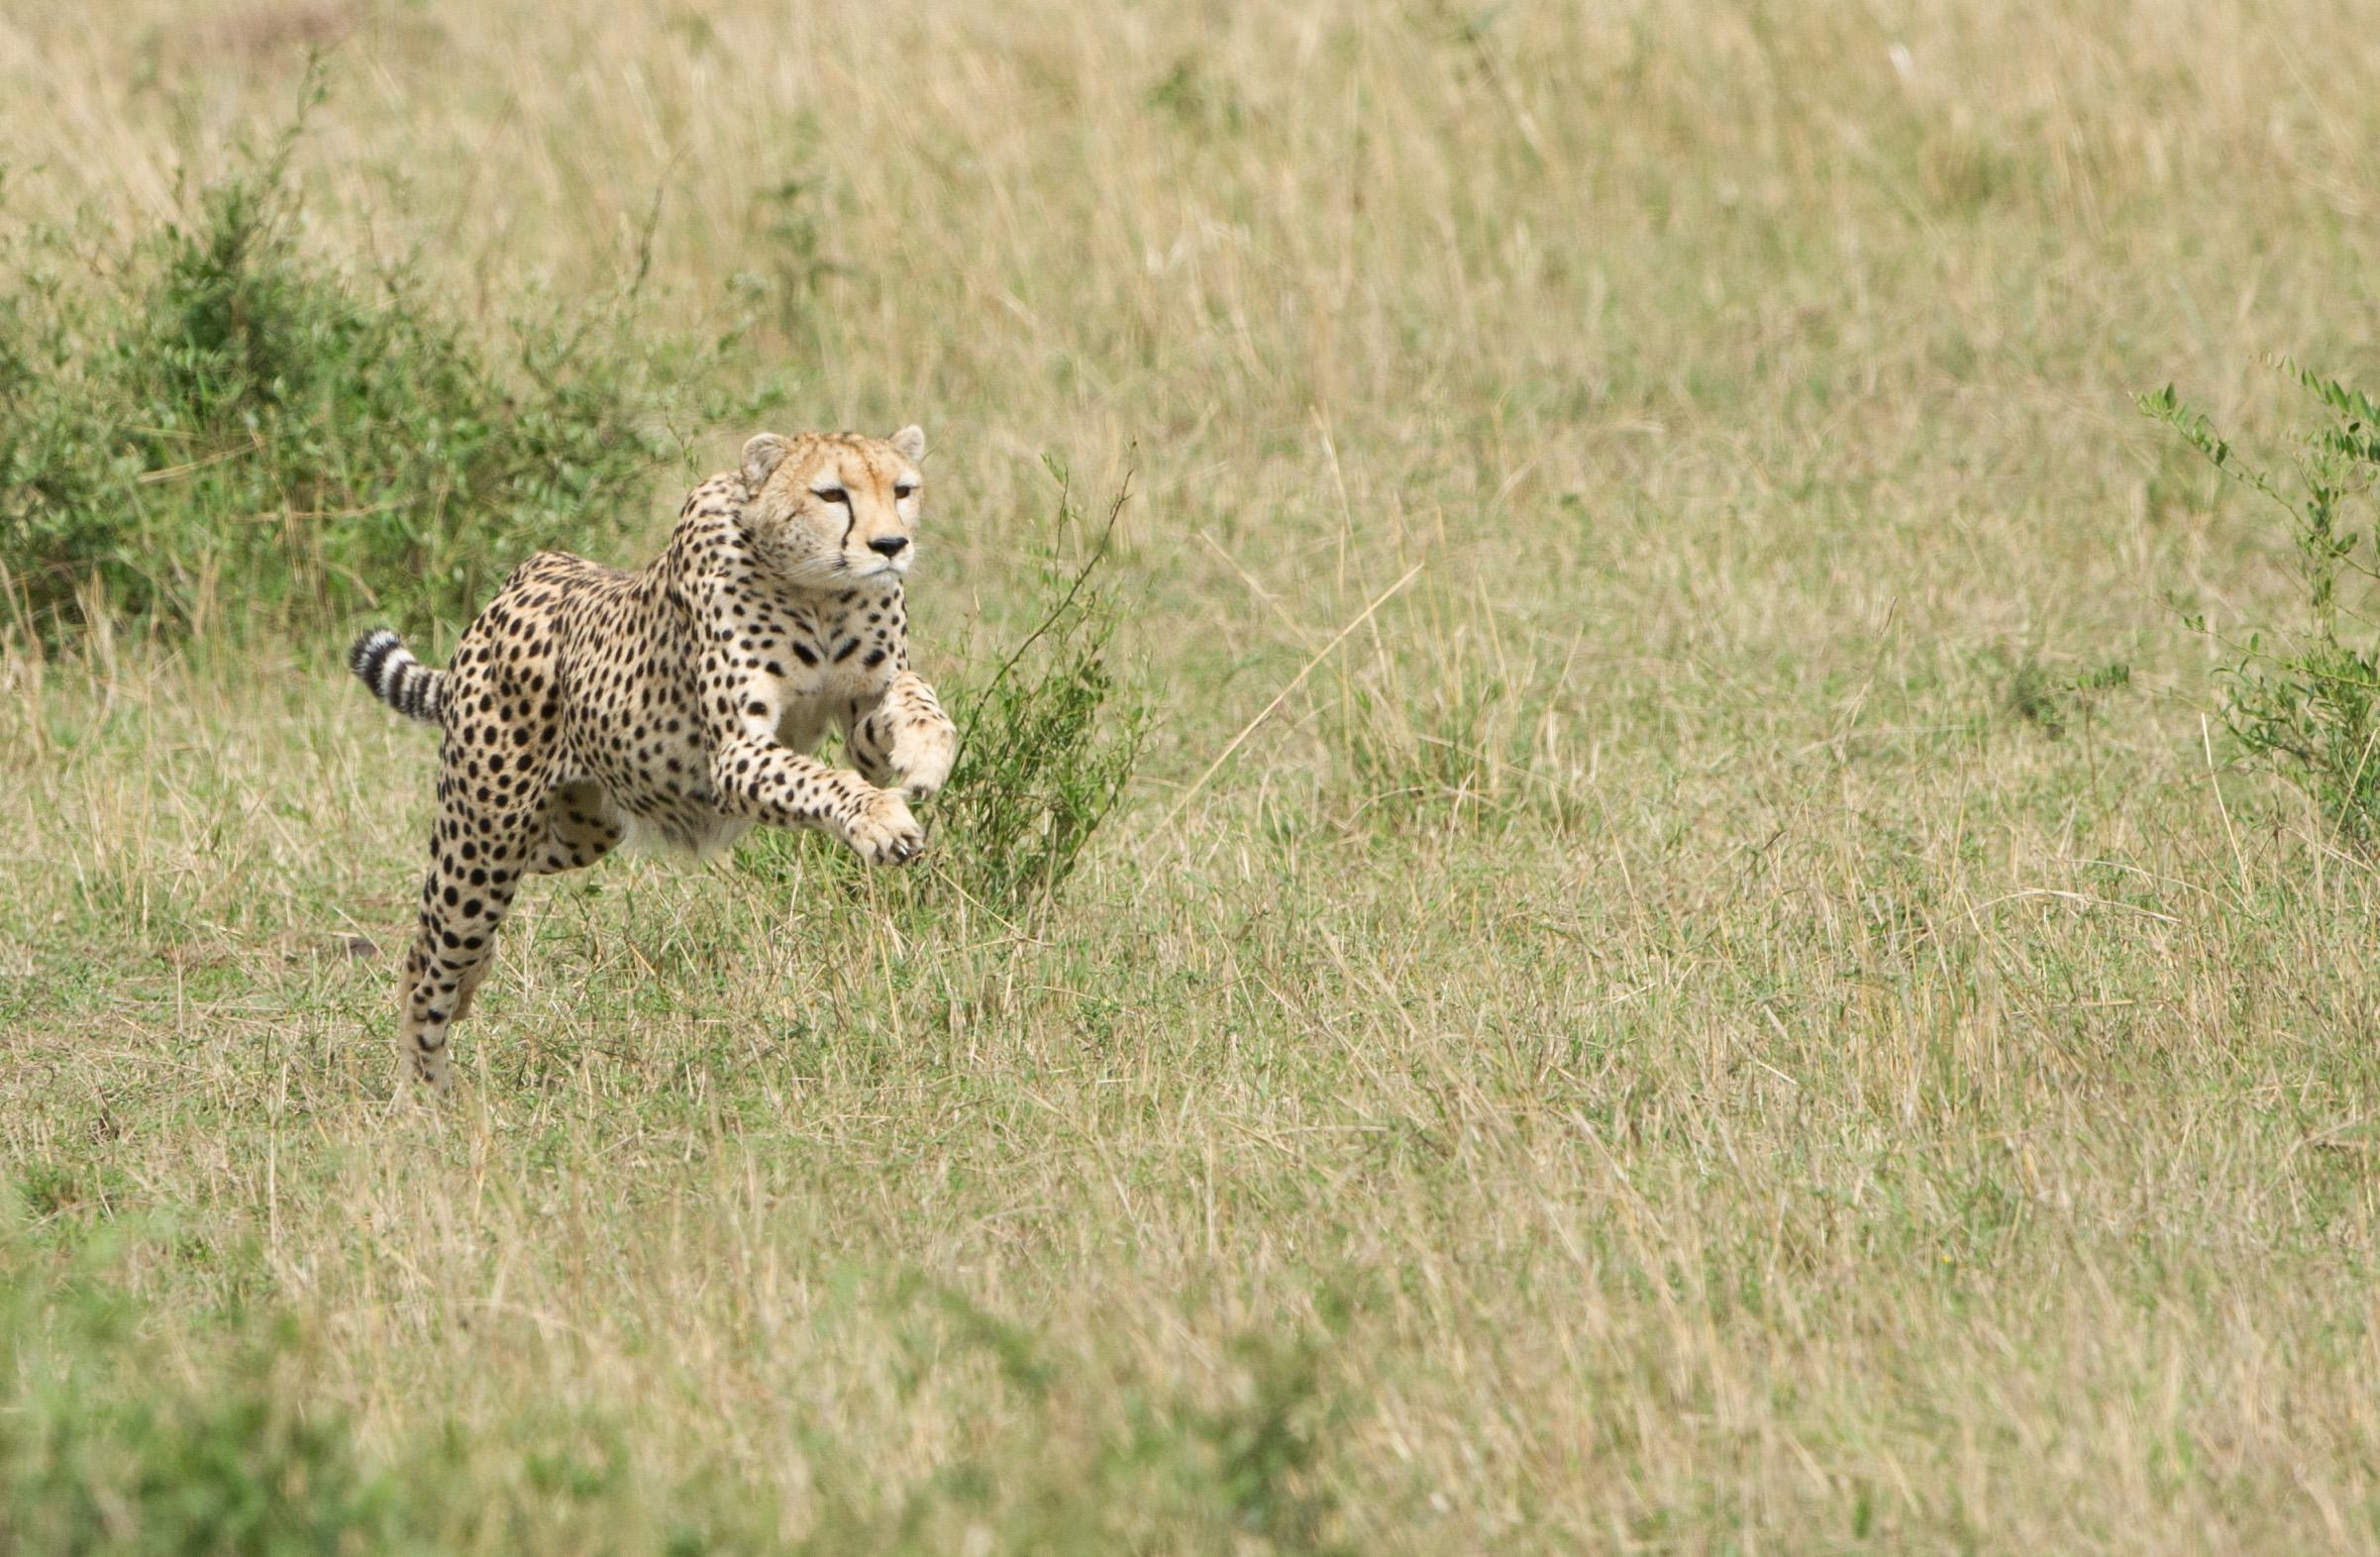 Охота гепарда на газель – захватывающие кадры из мира дикой природы 2